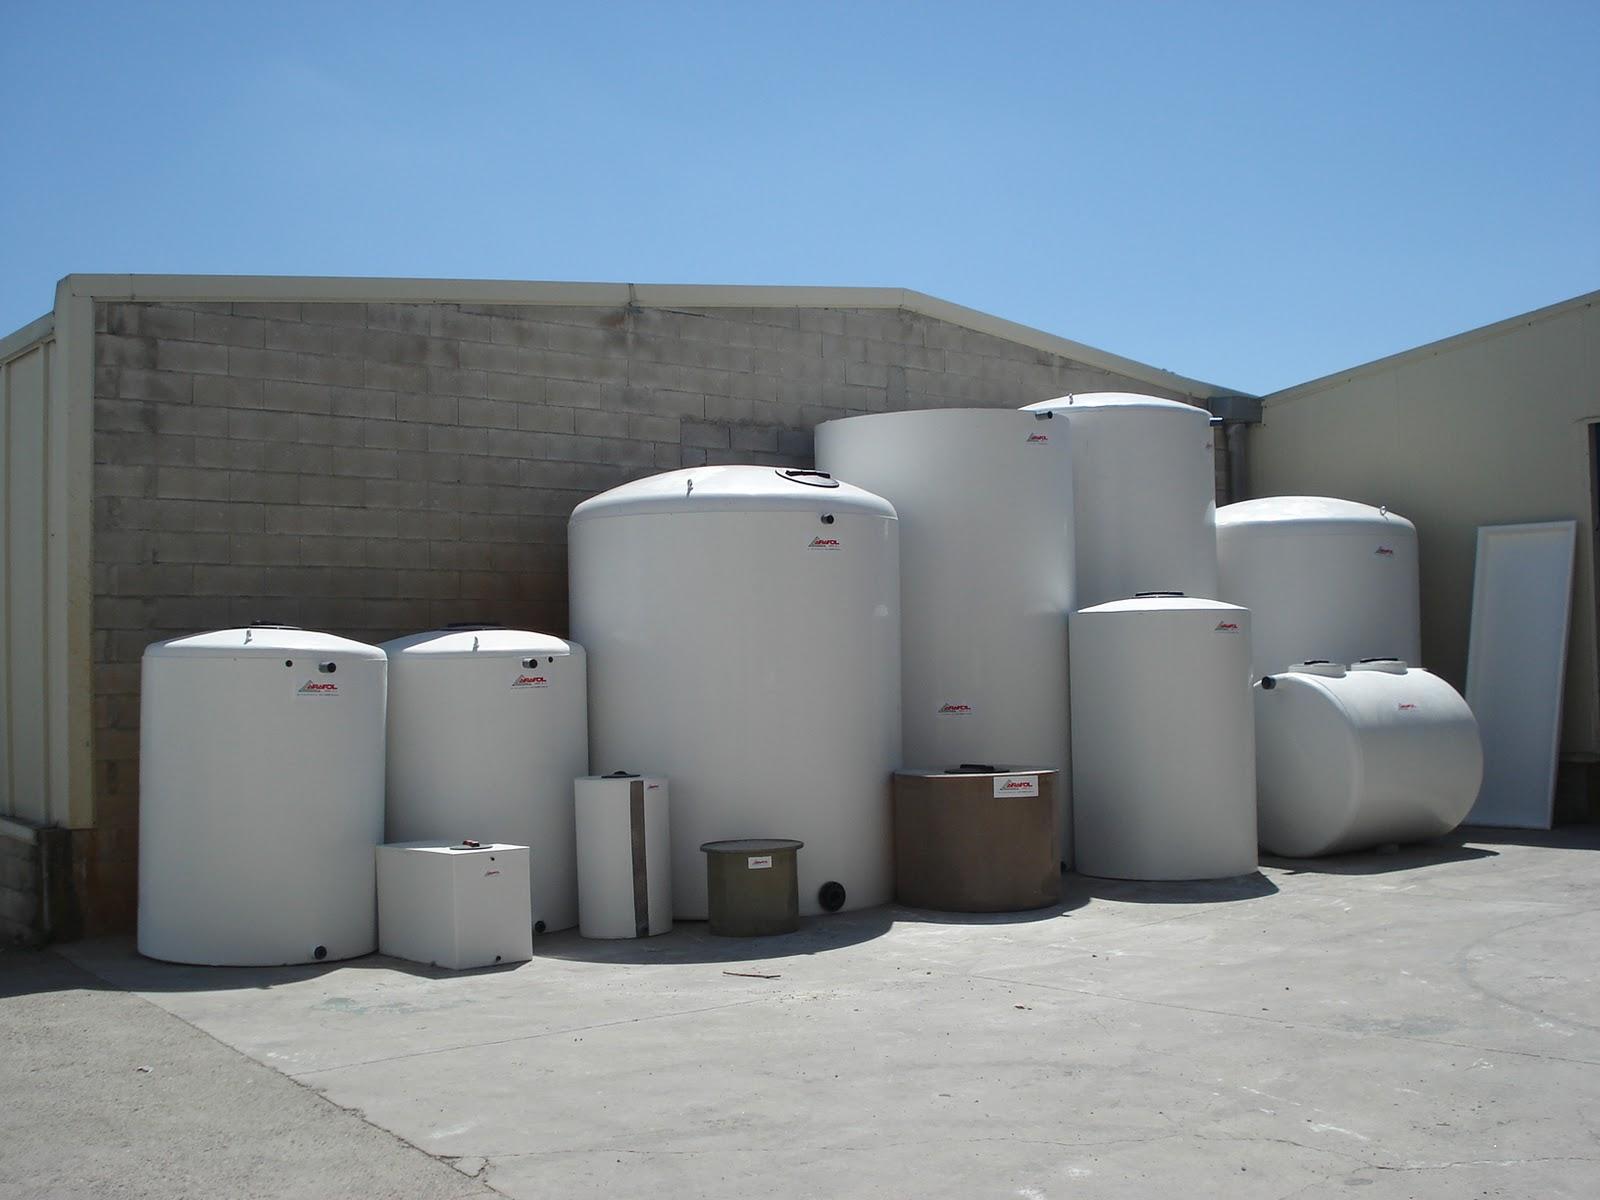 Depositos de agua elevados bernardo martin hernandez - Depositos de agua ...